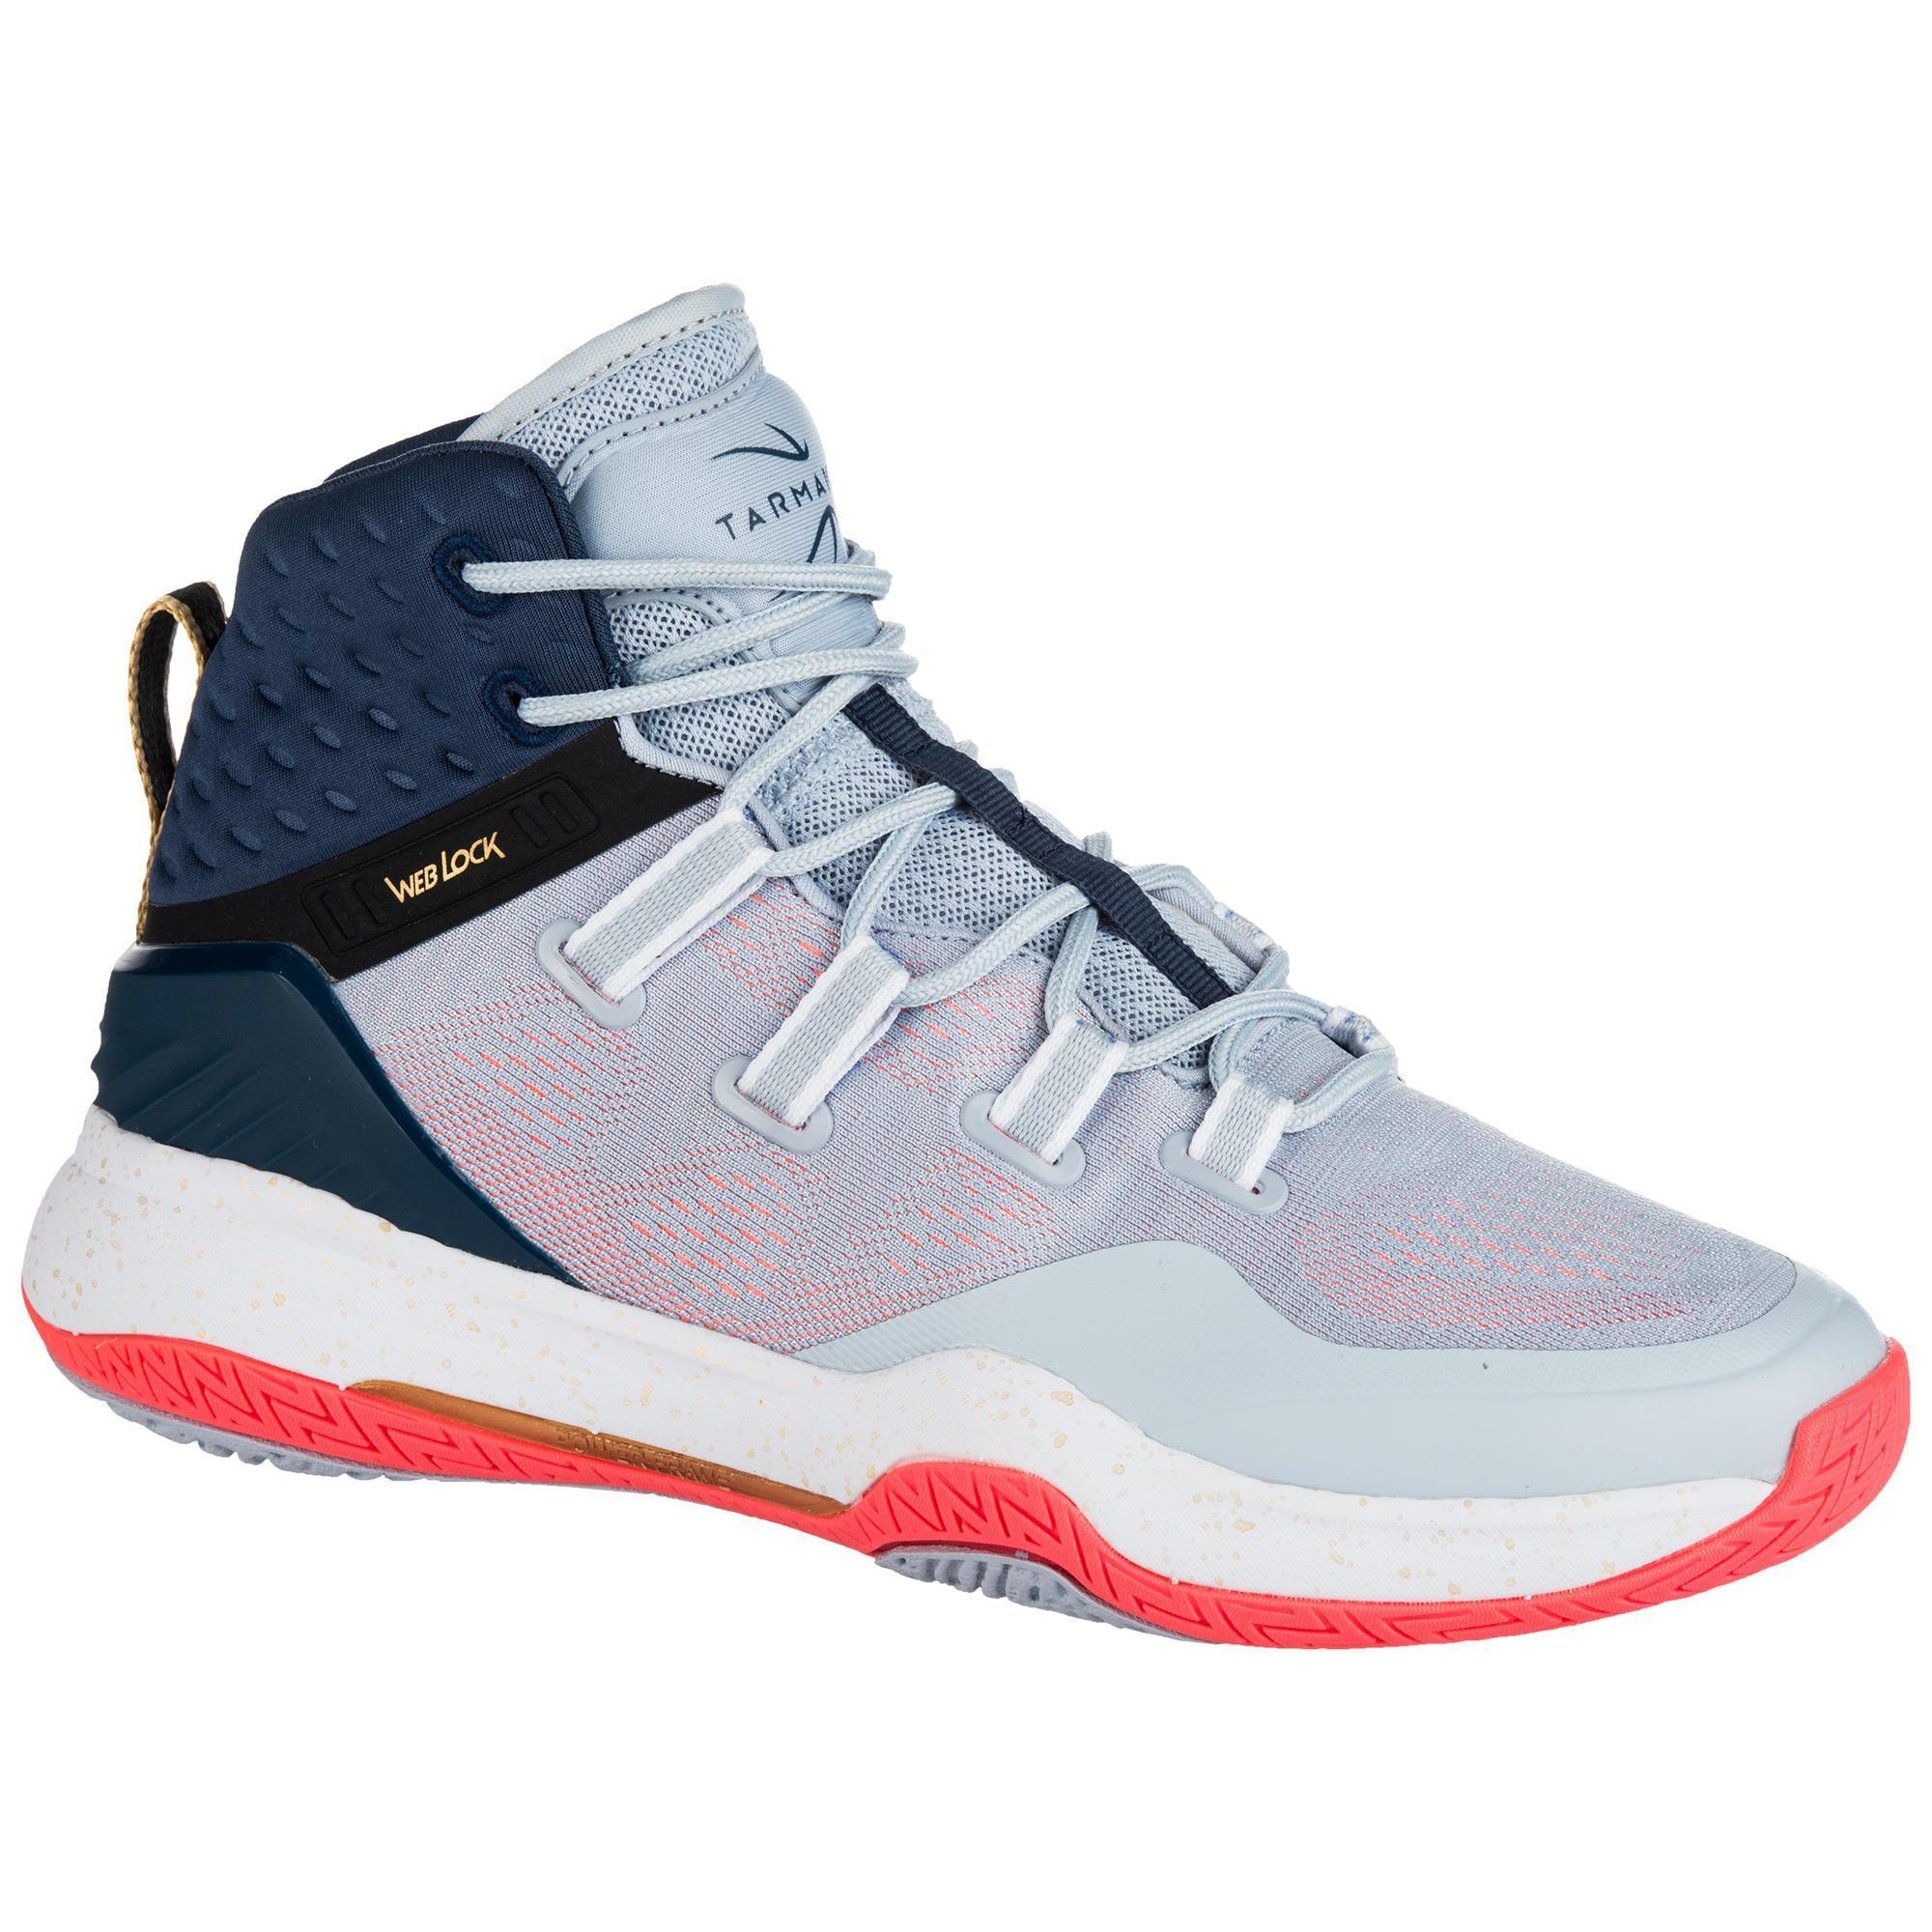 Tarmak Basketbalschoenen voor dames grijs/blauw/roze SC500 High